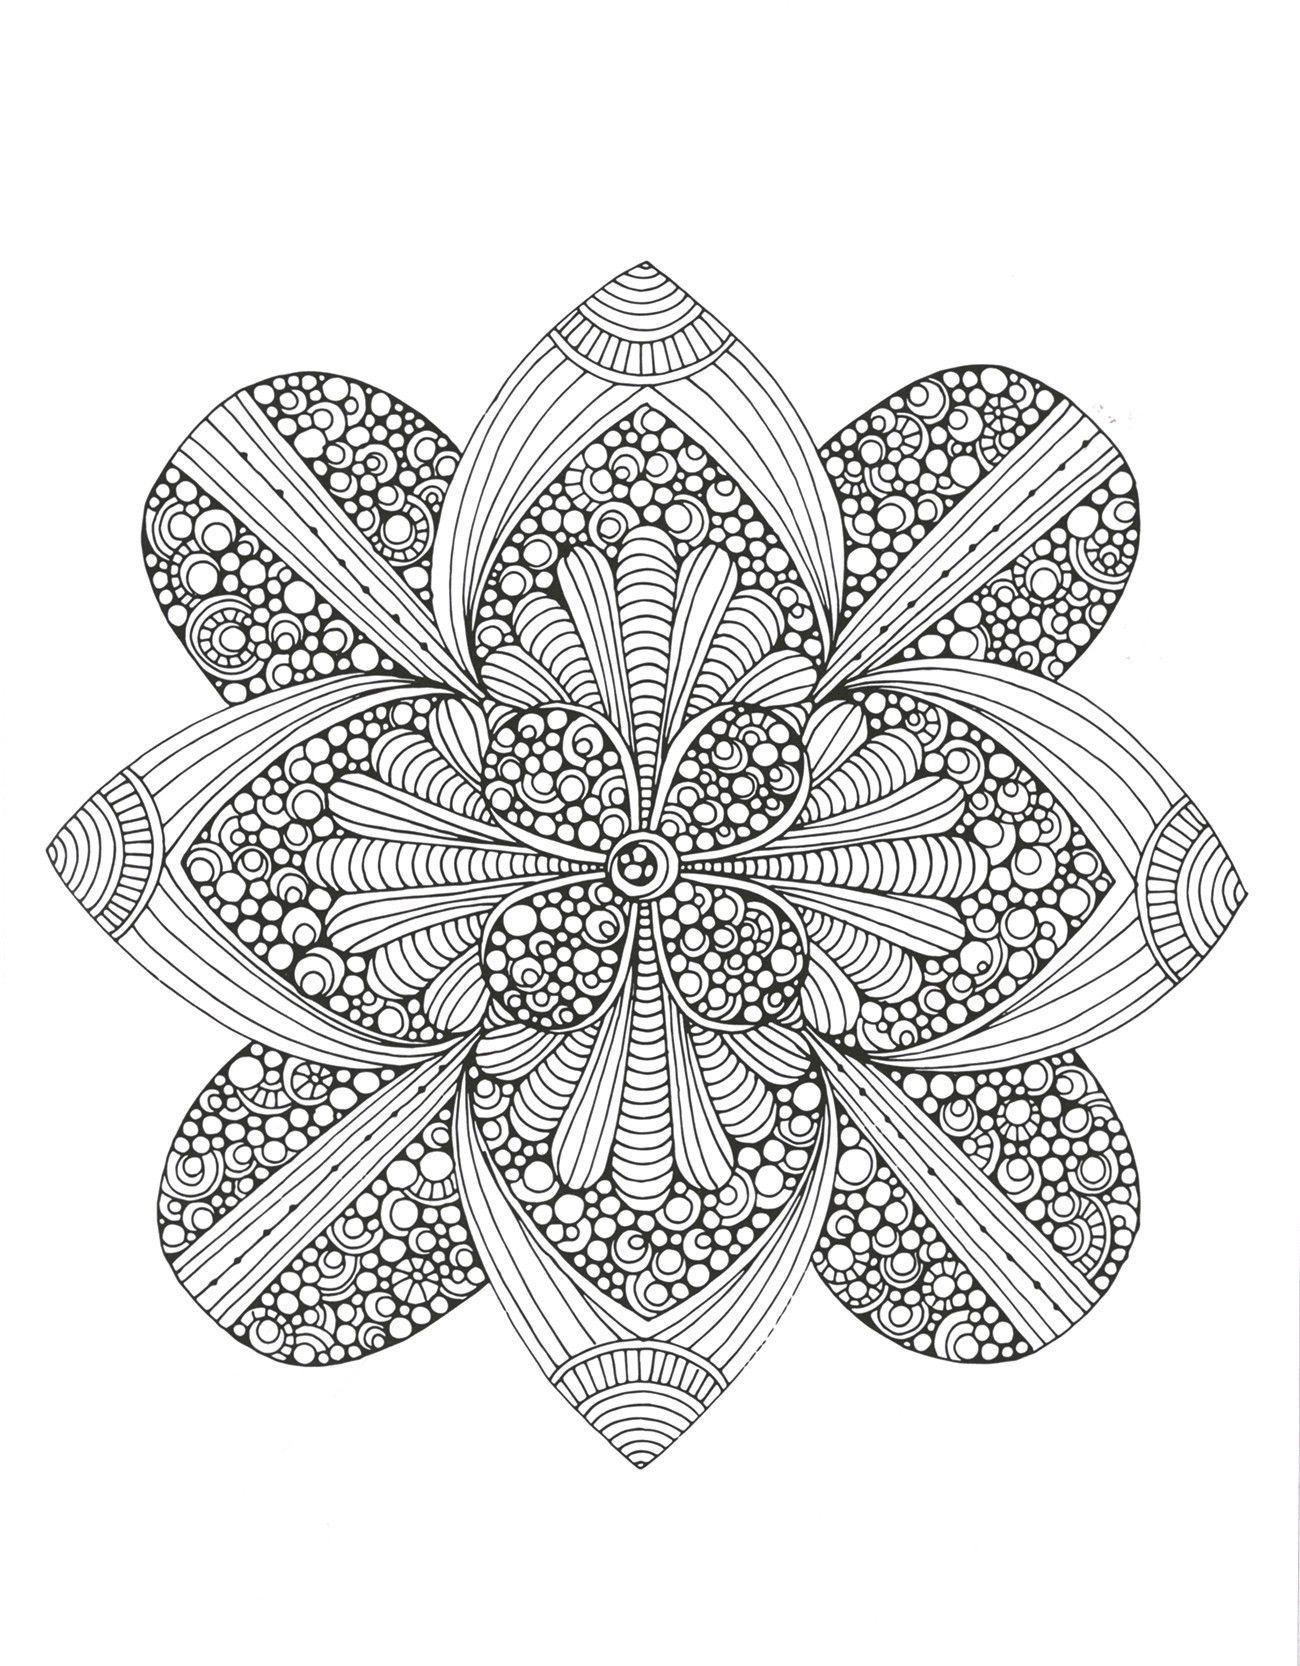 Creative Coloring Mandalas Adut Coloring Activity Book By Valentina